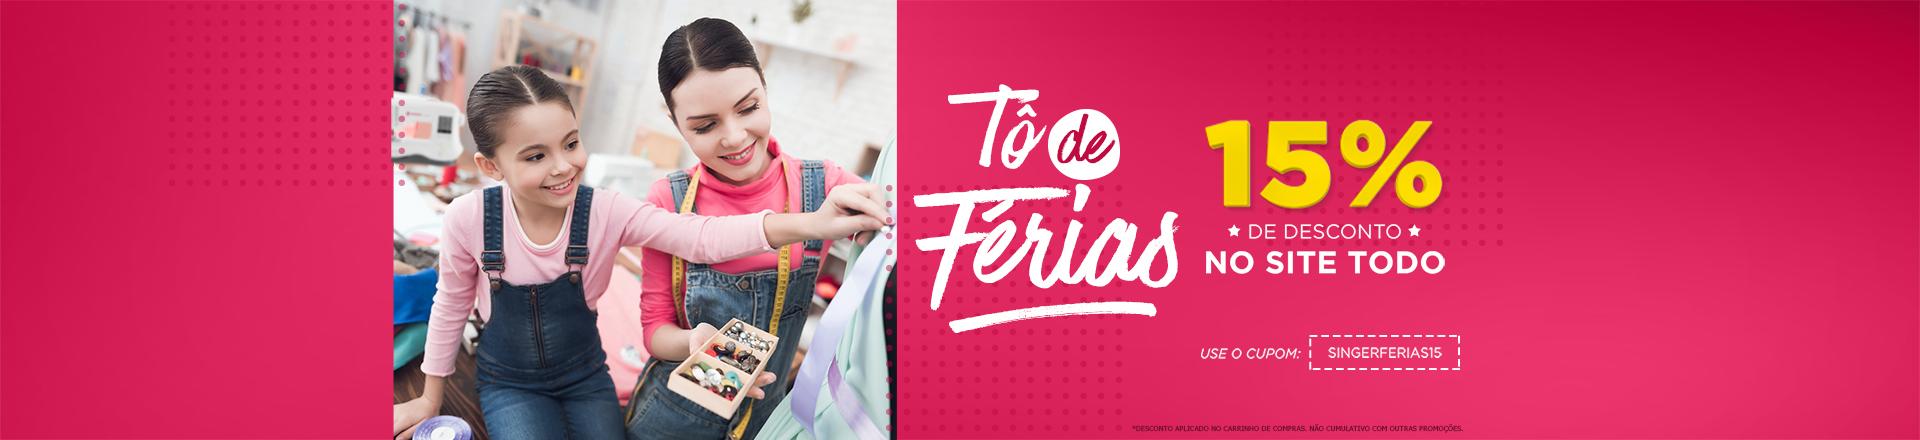 Banner Férias